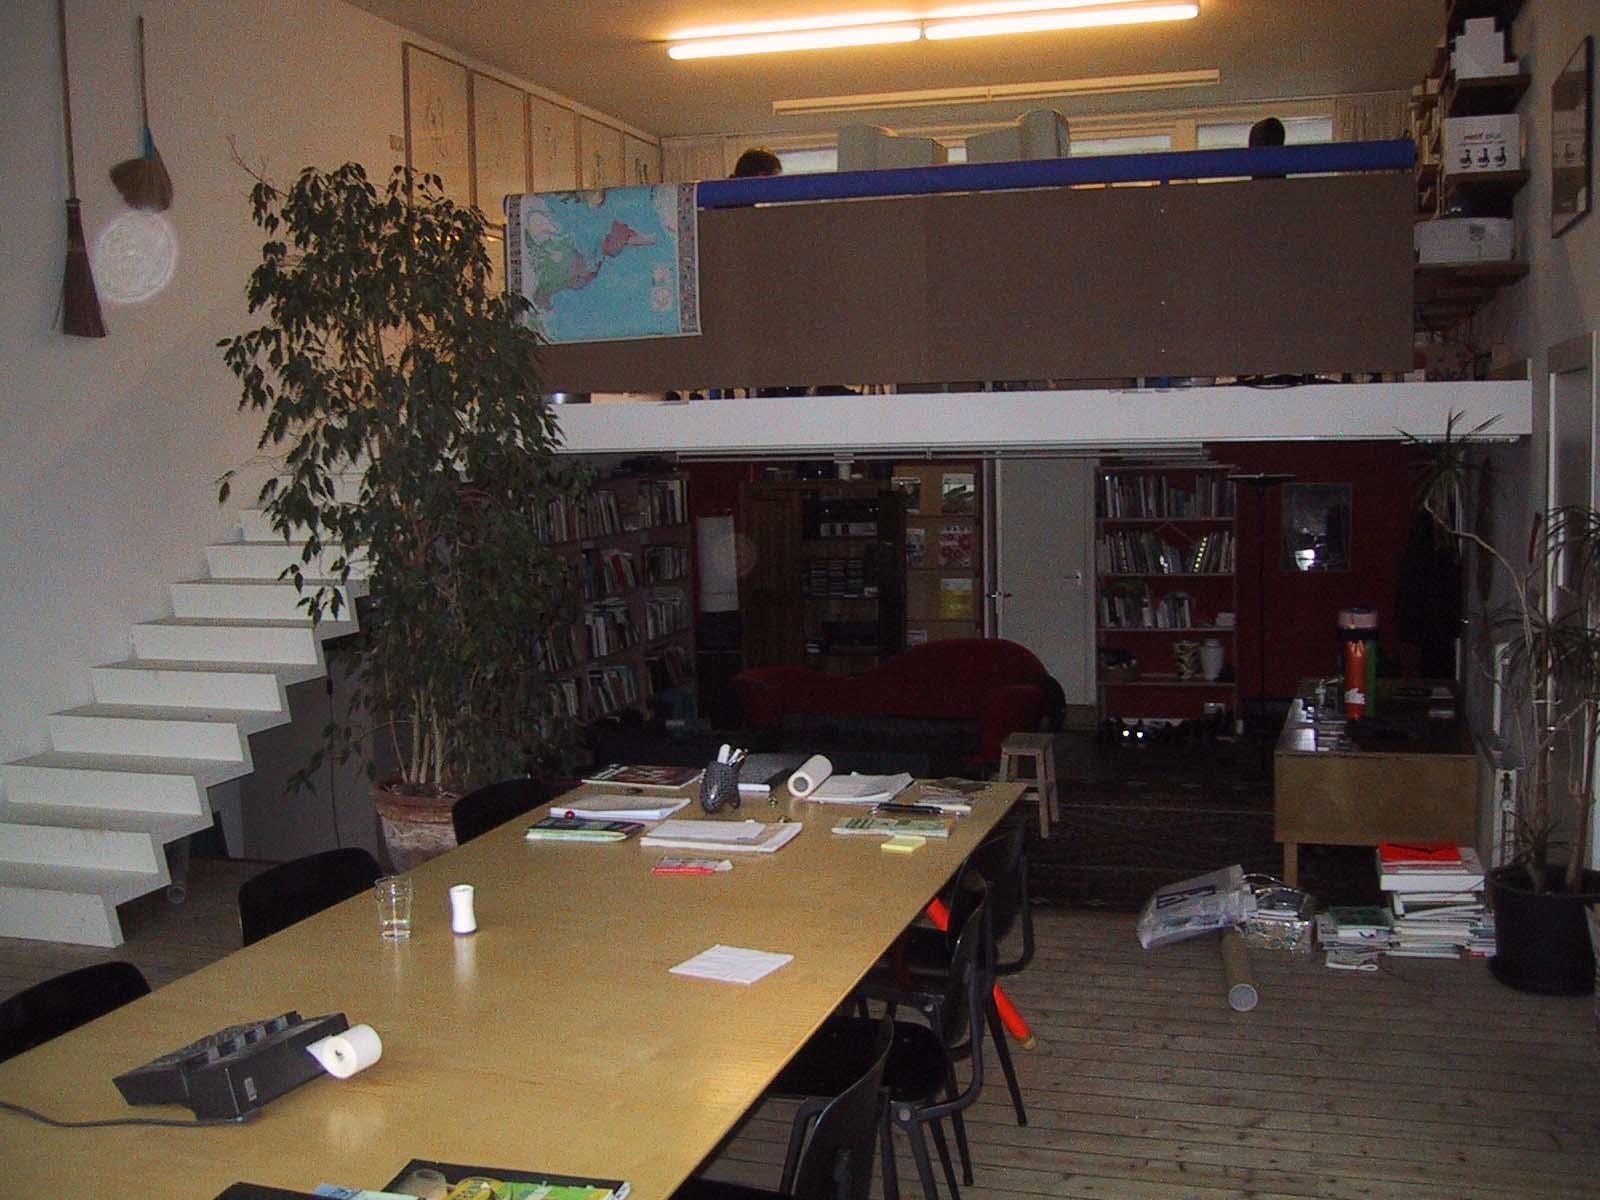 bedrijfsruimte rotterdam kantoorruimte rotterdam On studio rotterdam